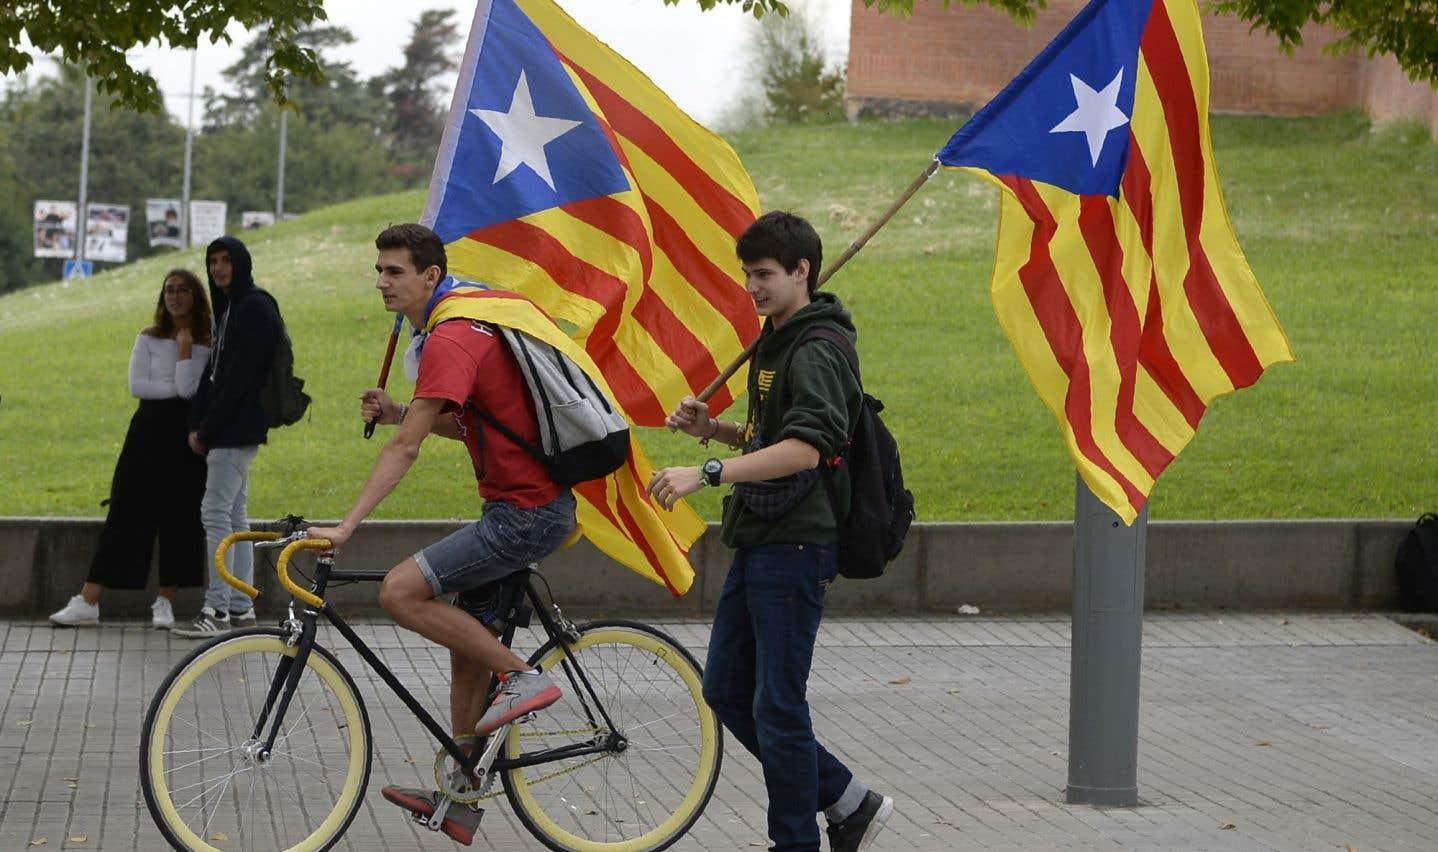 Des Catalans ont chanté des chansons et entonné des hymnes indépendantistes.